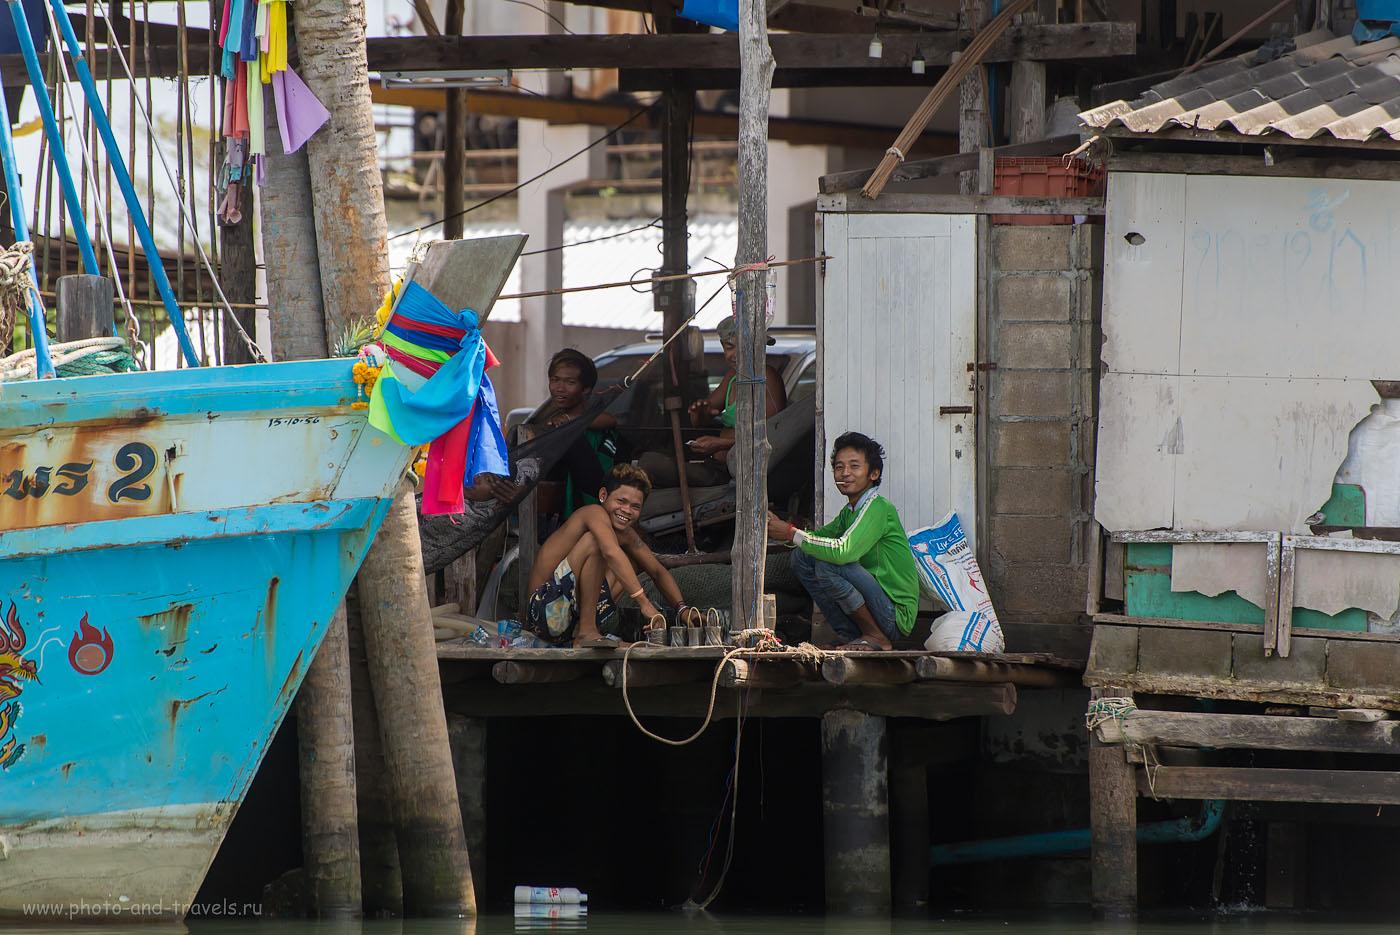 Фото 7. Добро пожаловать в Тайланд, фаранги! Отзыв об экскурсии в рыбацкую деревню, что рядом с Чумпхон (320, 220, 5.3, 640)